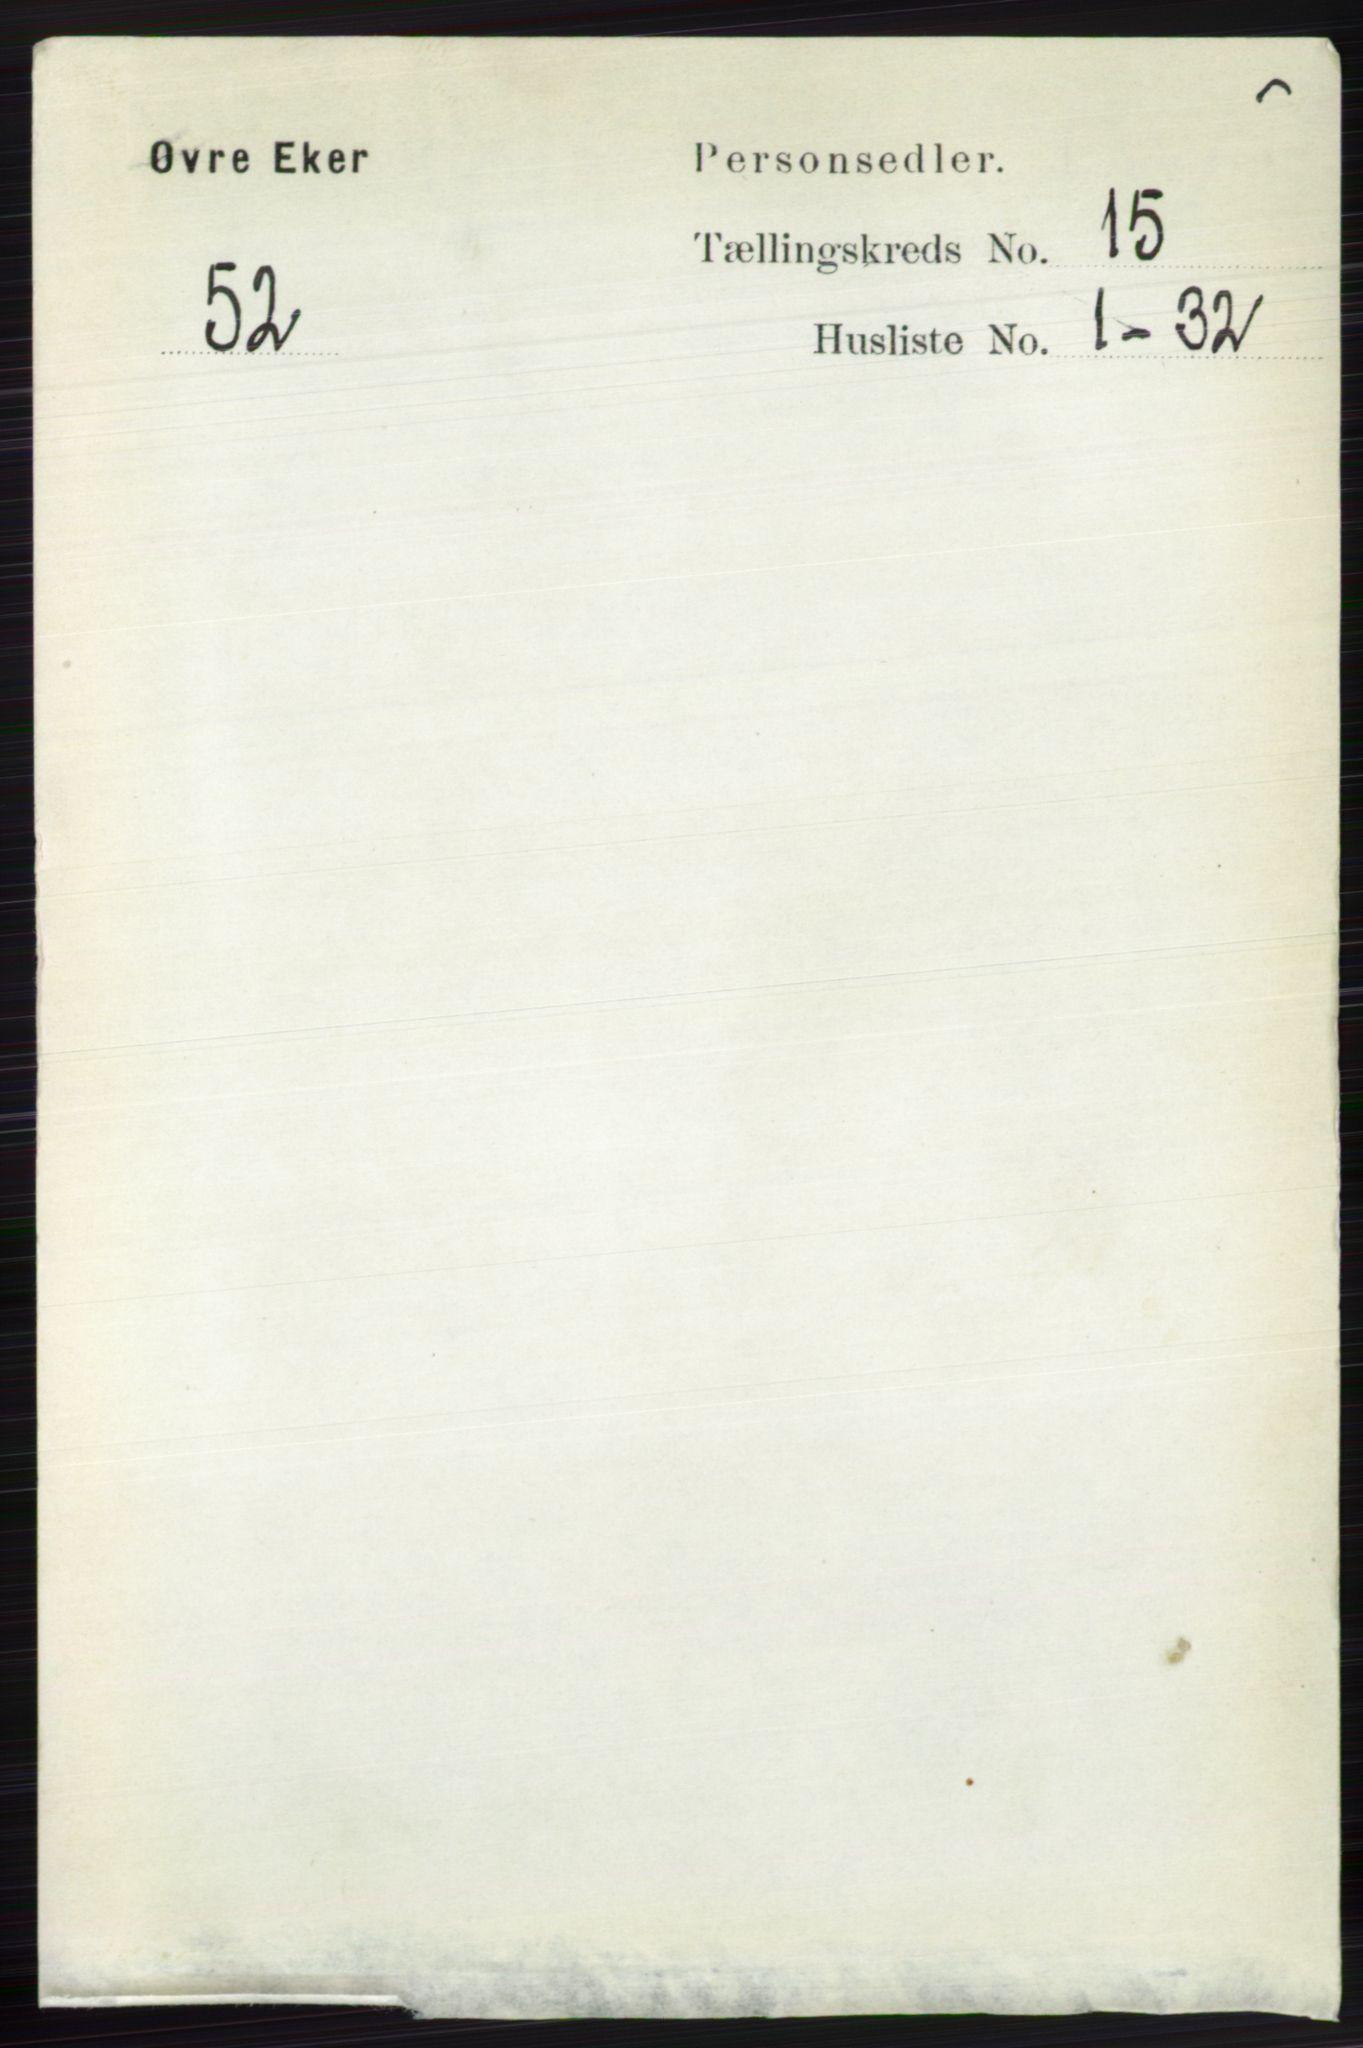 RA, Folketelling 1891 for 0624 Øvre Eiker herred, 1891, s. 7050